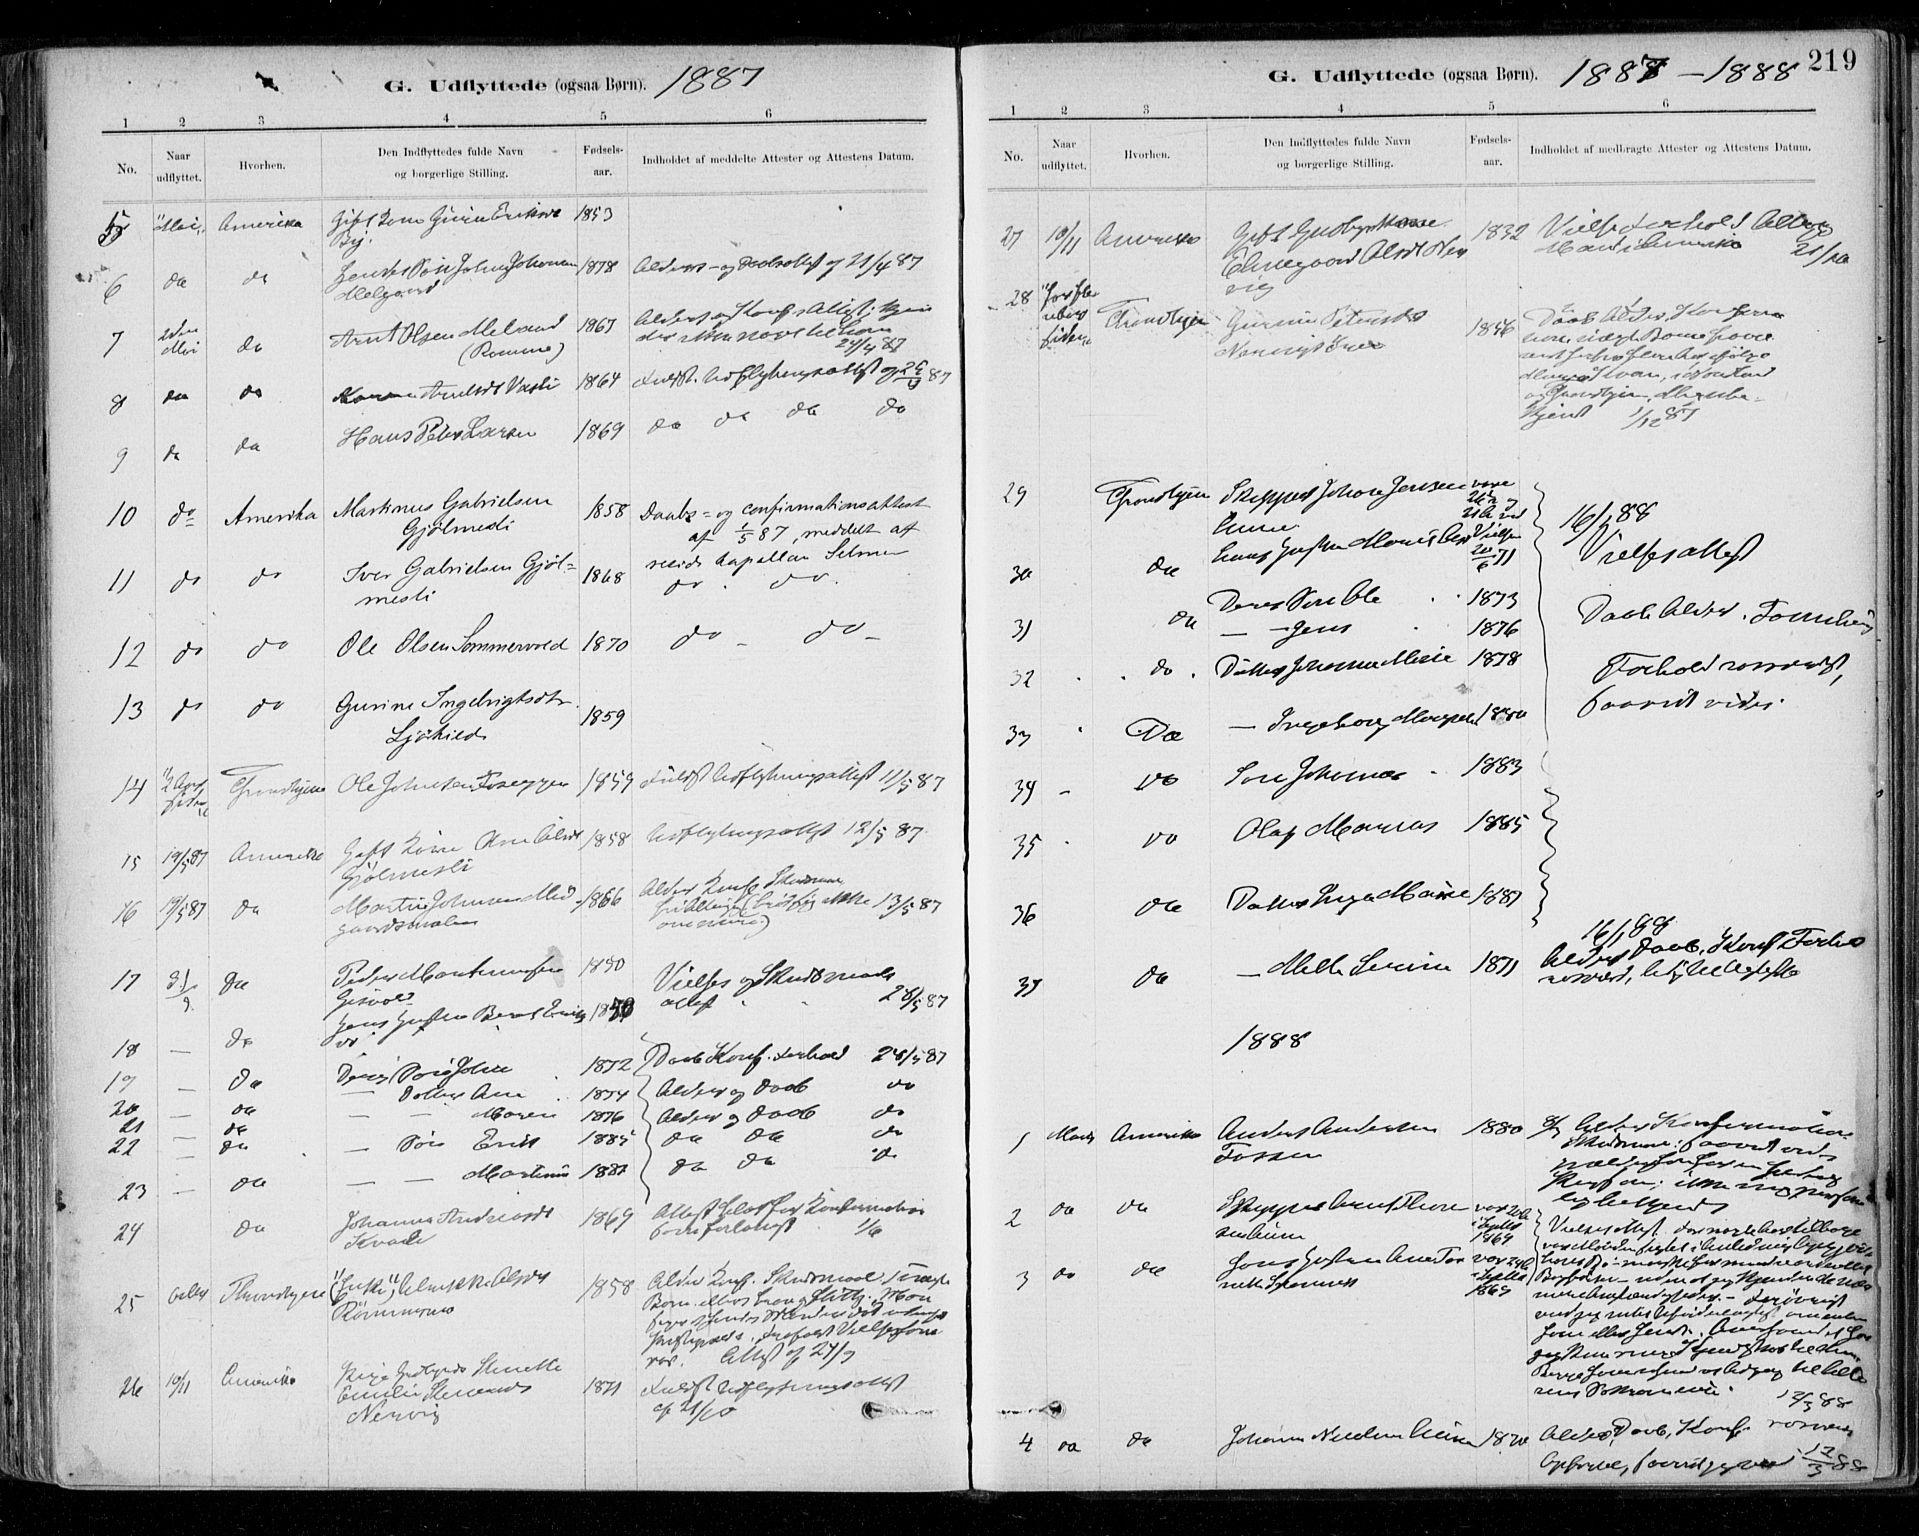 SAT, Ministerialprotokoller, klokkerbøker og fødselsregistre - Sør-Trøndelag, 668/L0810: Ministerialbok nr. 668A10, 1881-1894, s. 219